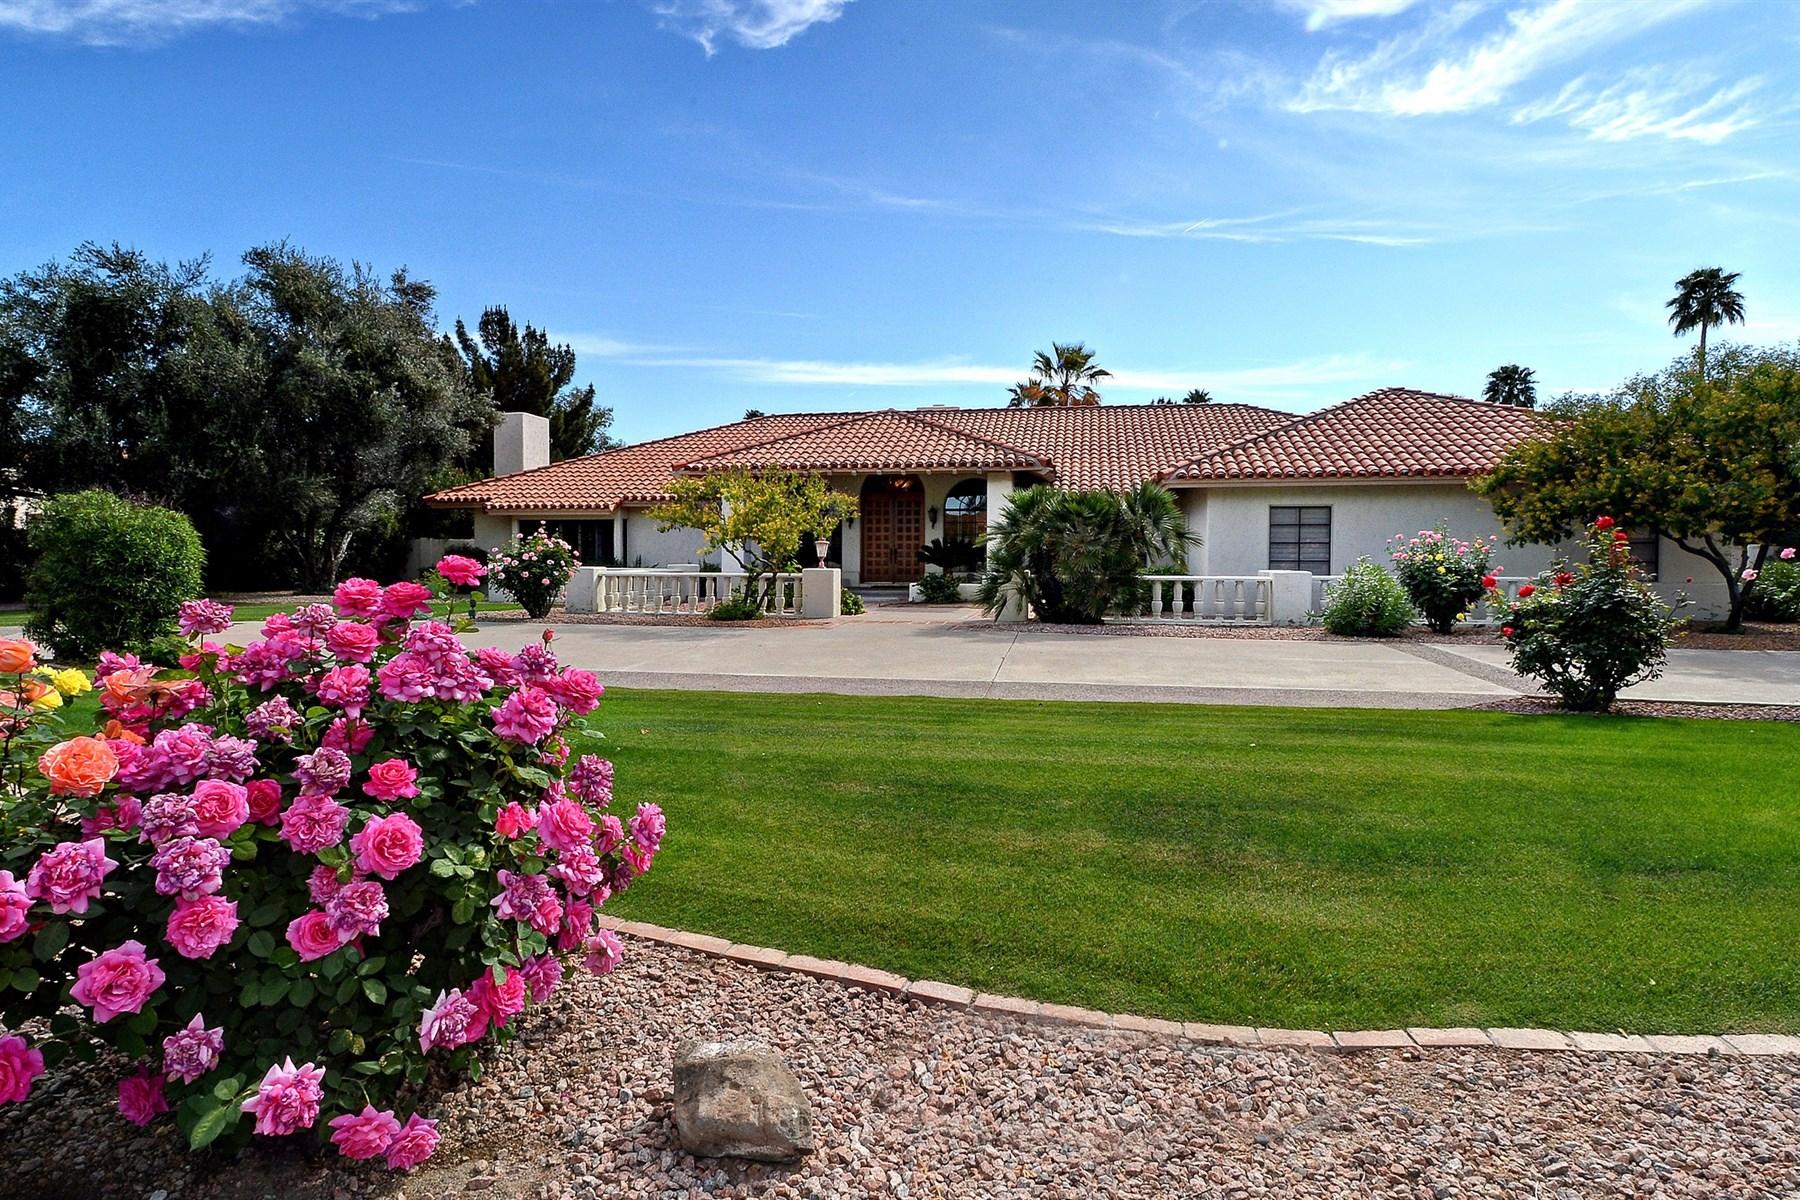 Maison unifamiliale pour l Vente à Paradise Valley Home With Romantic Character & Wonderful Architectural Details 8815 N 63rd Place Paradise Valley, Arizona 85253 États-Unis